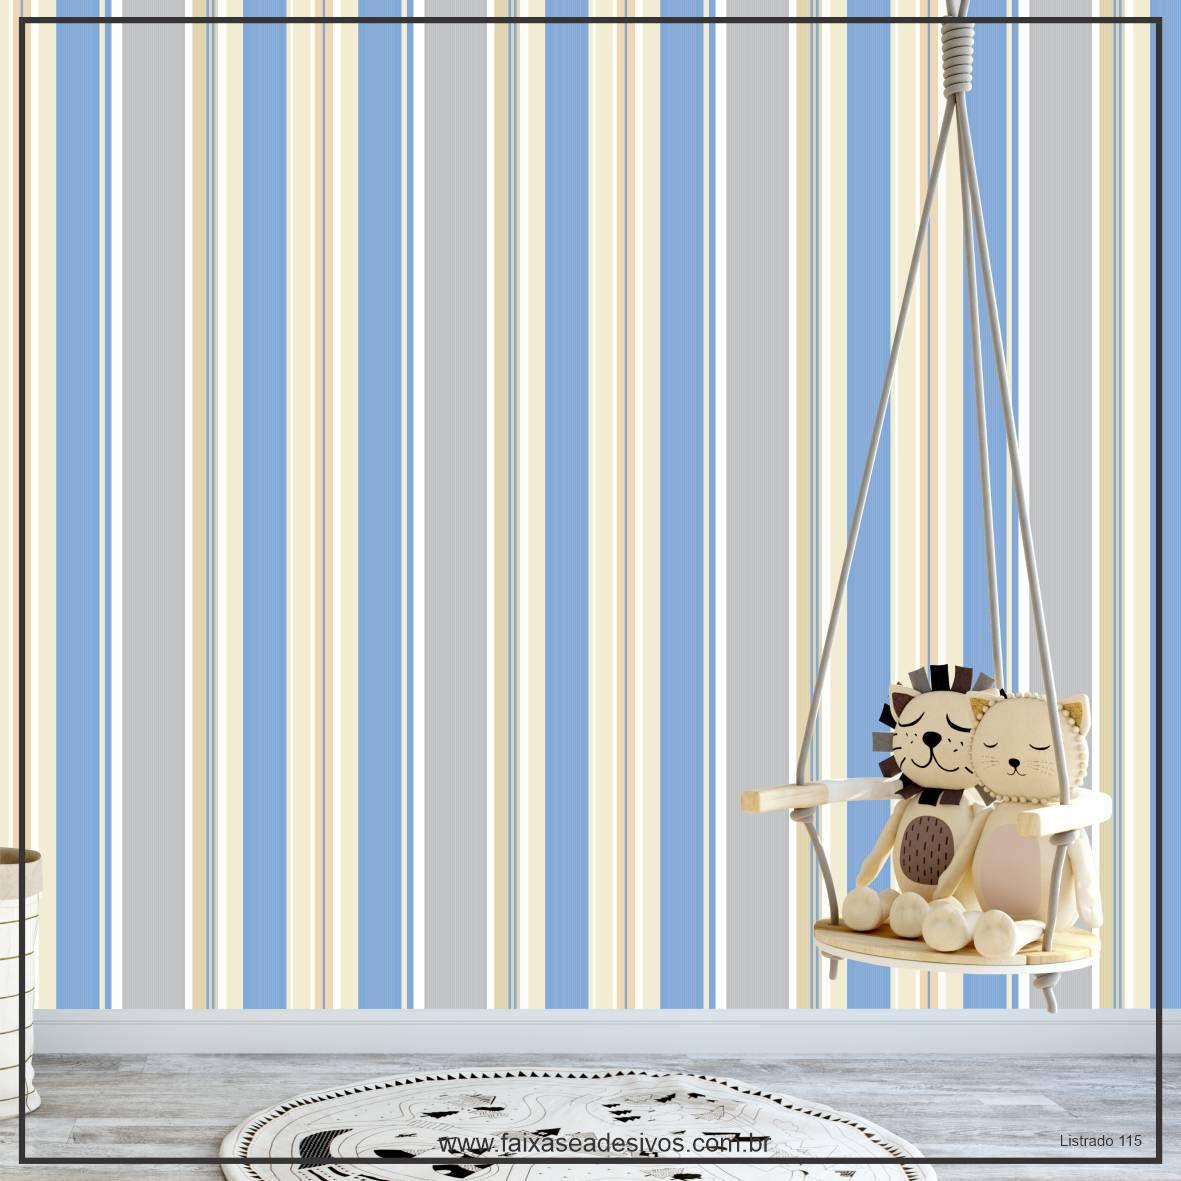 027 - Adesivo Decorativo de parede Listras azul com pastel - 58cm larg  - FAC Signs Impressão Digital